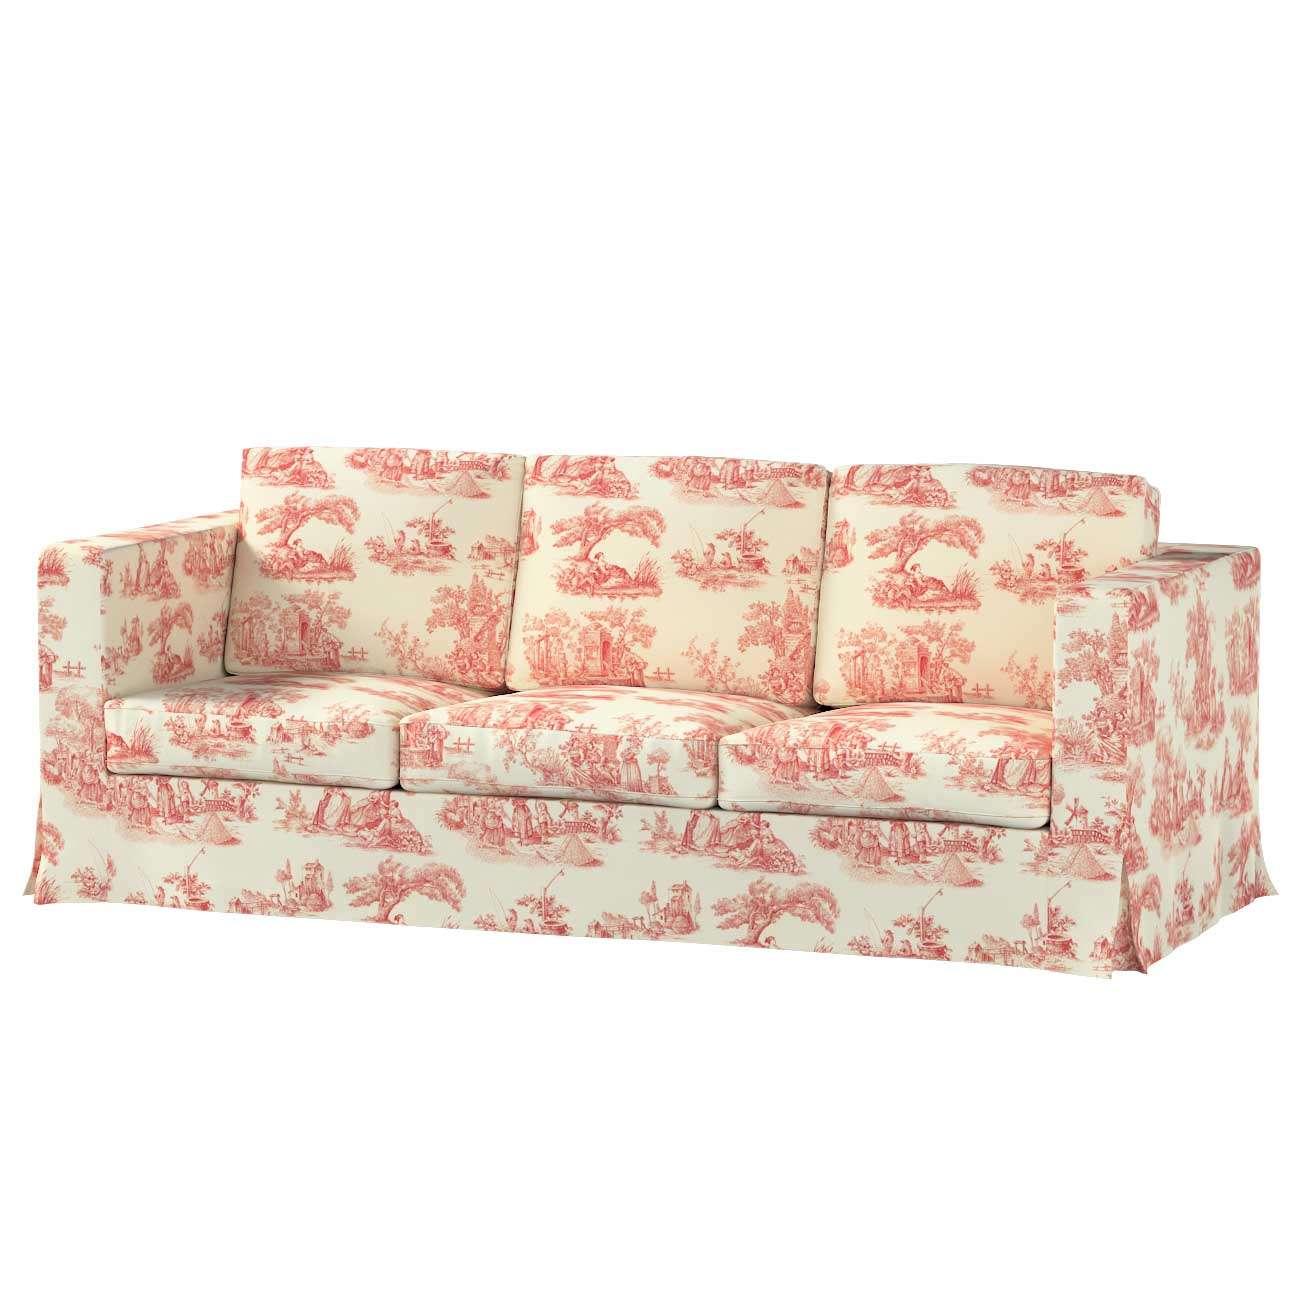 Karlanda klädsel 3-sits soffa - lång i kollektionen Avinon, Tyg: 132-15